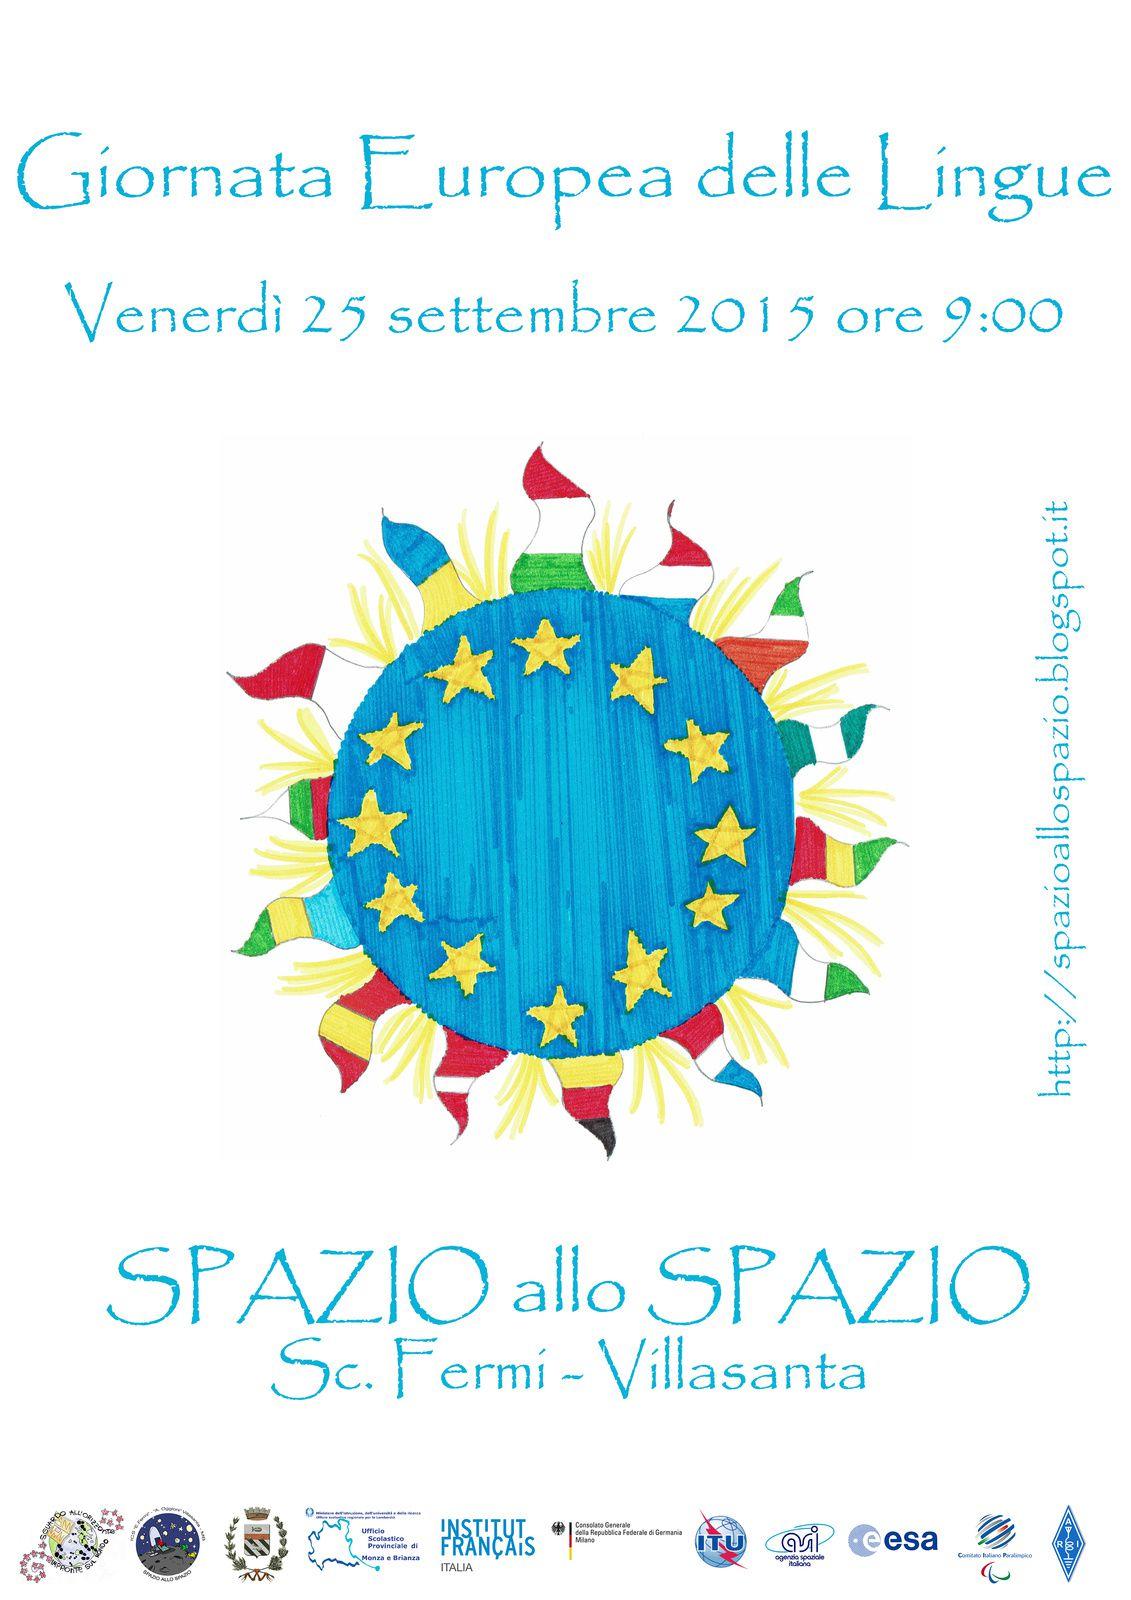 affiche réalisée par Jacopo Folchini - quatrième A